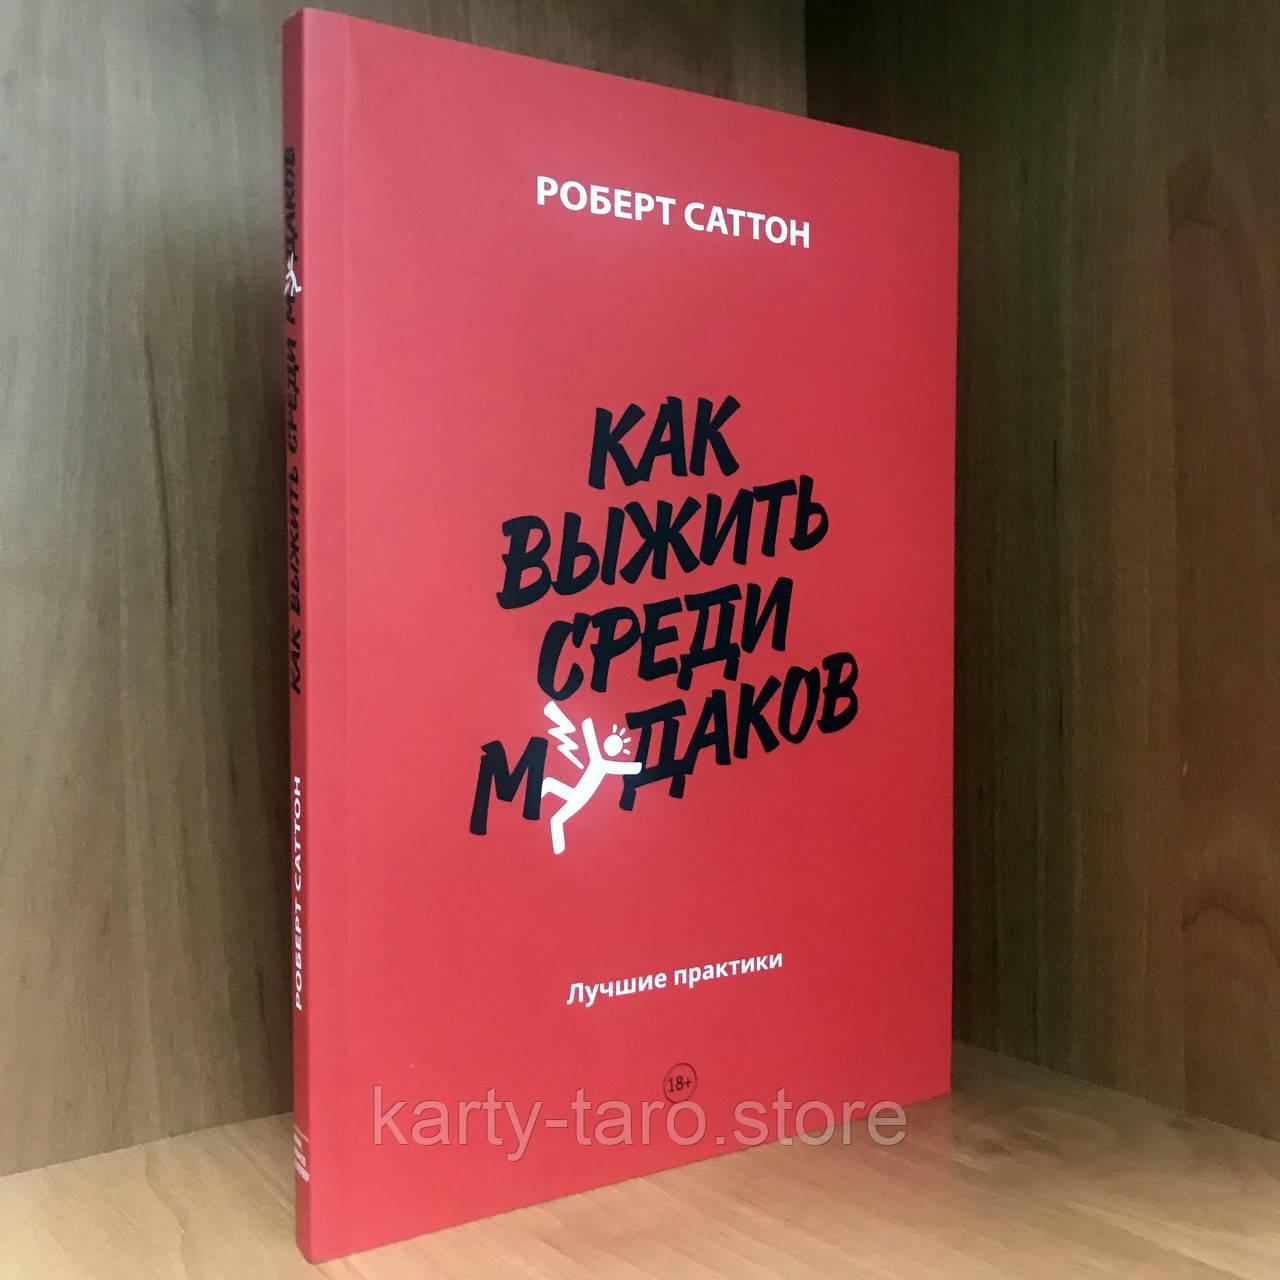 Книга Як вижити серед мудаків. Кращі практики - Роберт Саттон